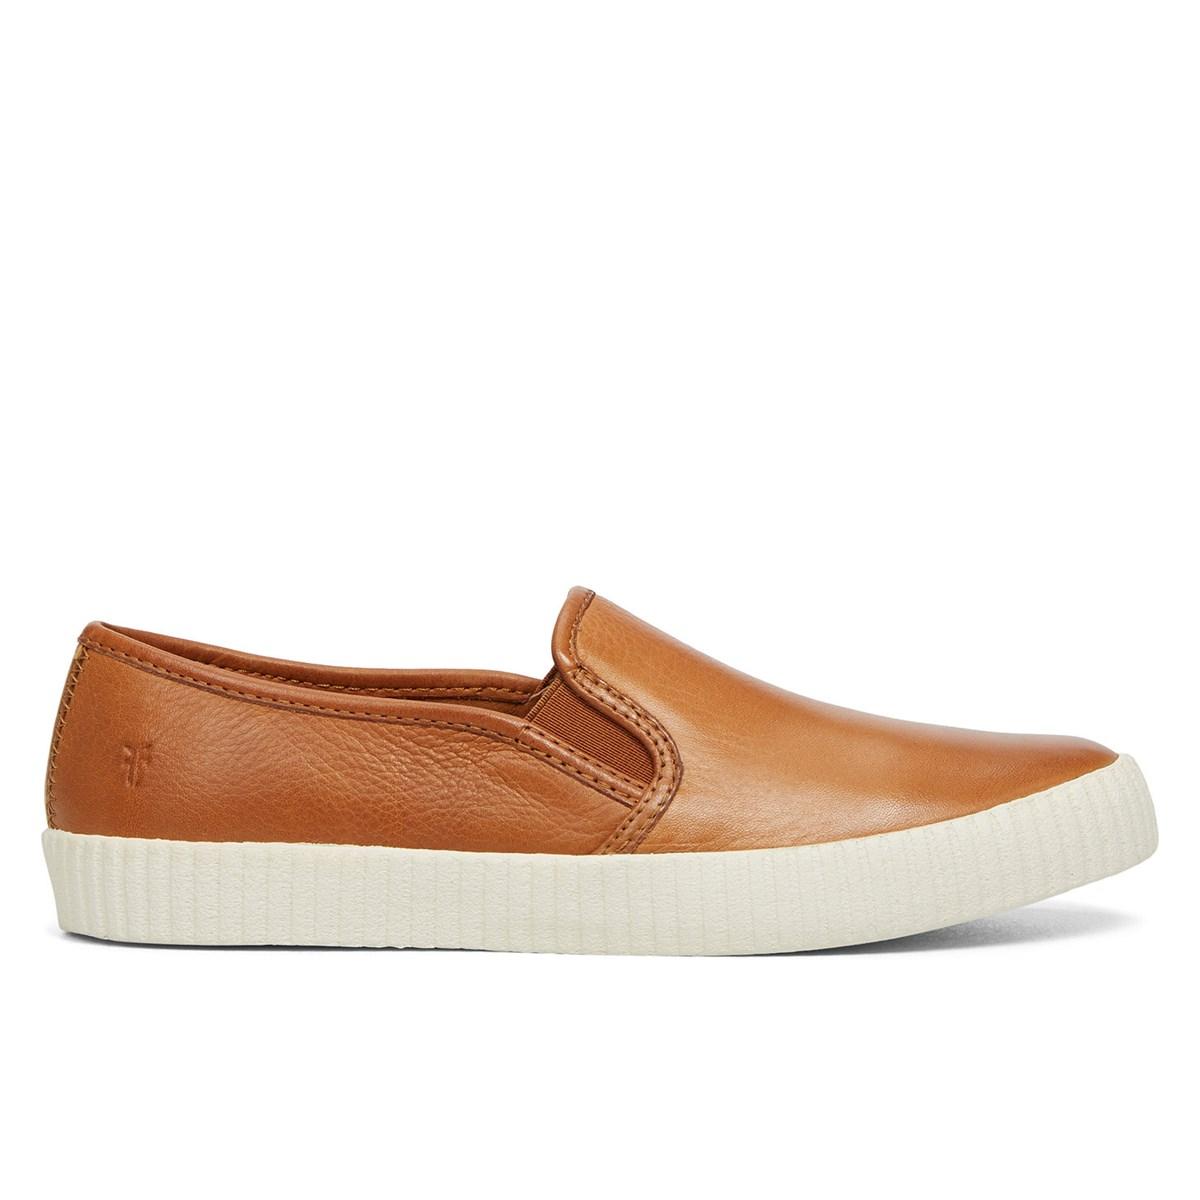 Women's Camille Slip-On Camel Sneaker